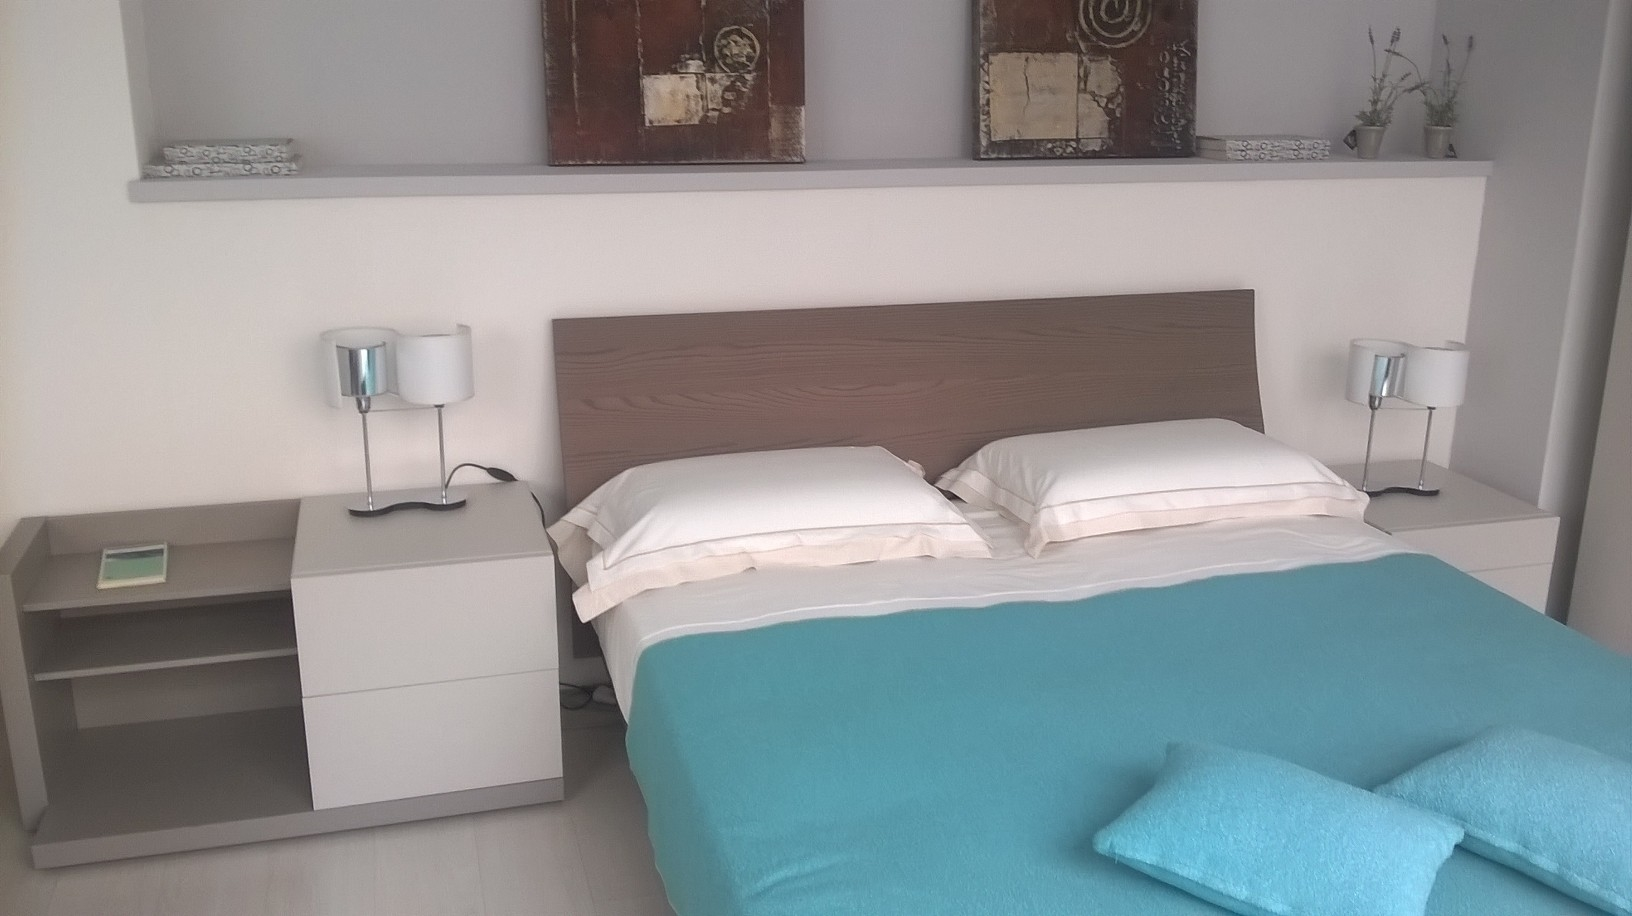 Caccaro Camera Grafik + letto filesse scontato del -43 % - Camere a prezzi scontati